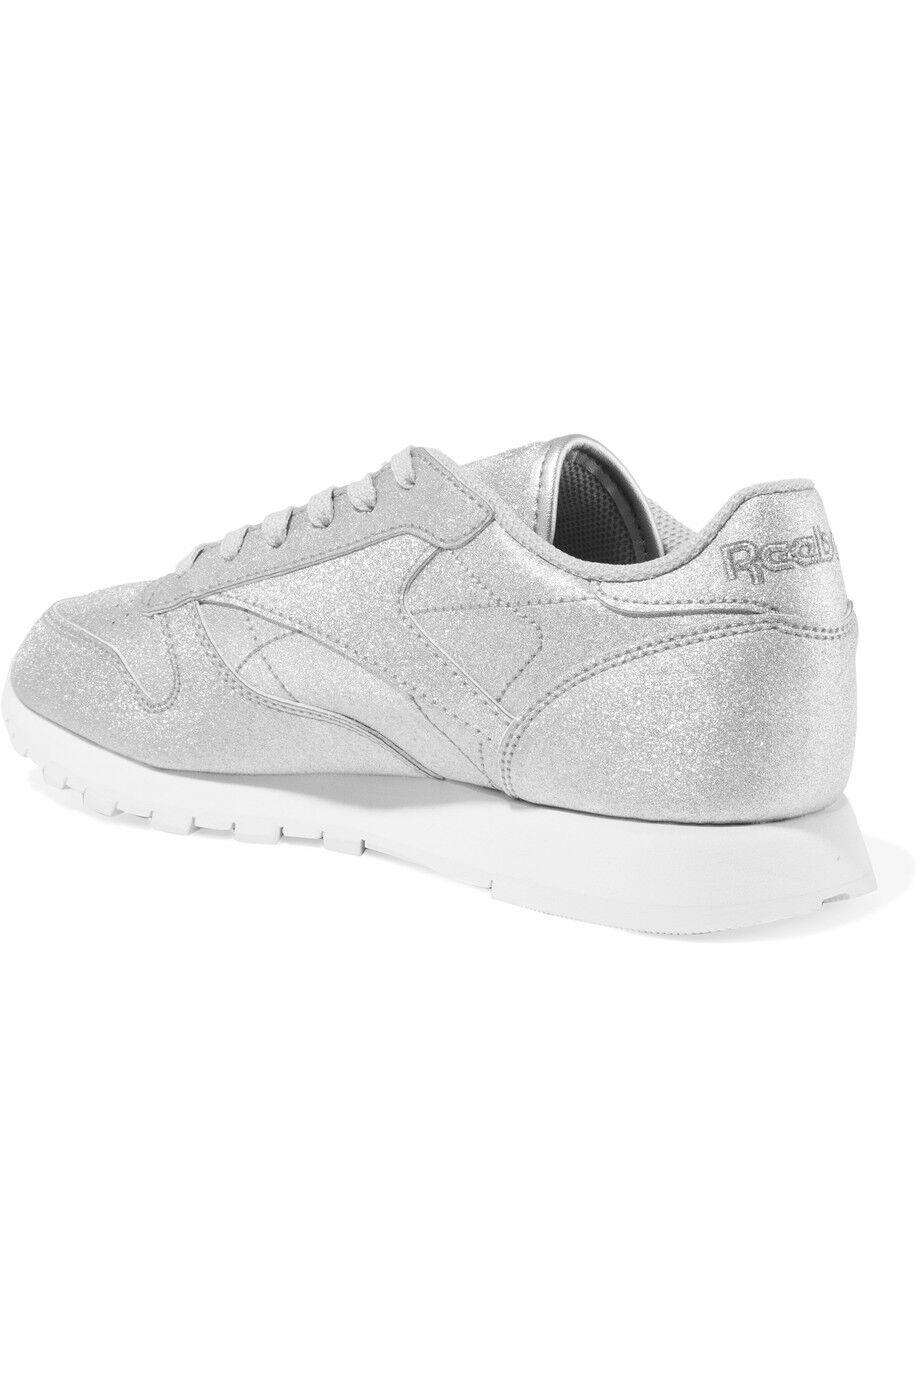 NIB REEBOK CLASSIC Leather  Sneakers in SILVER Metallic  Leather - BLACK  IT 38- IT 40 b1b5cb